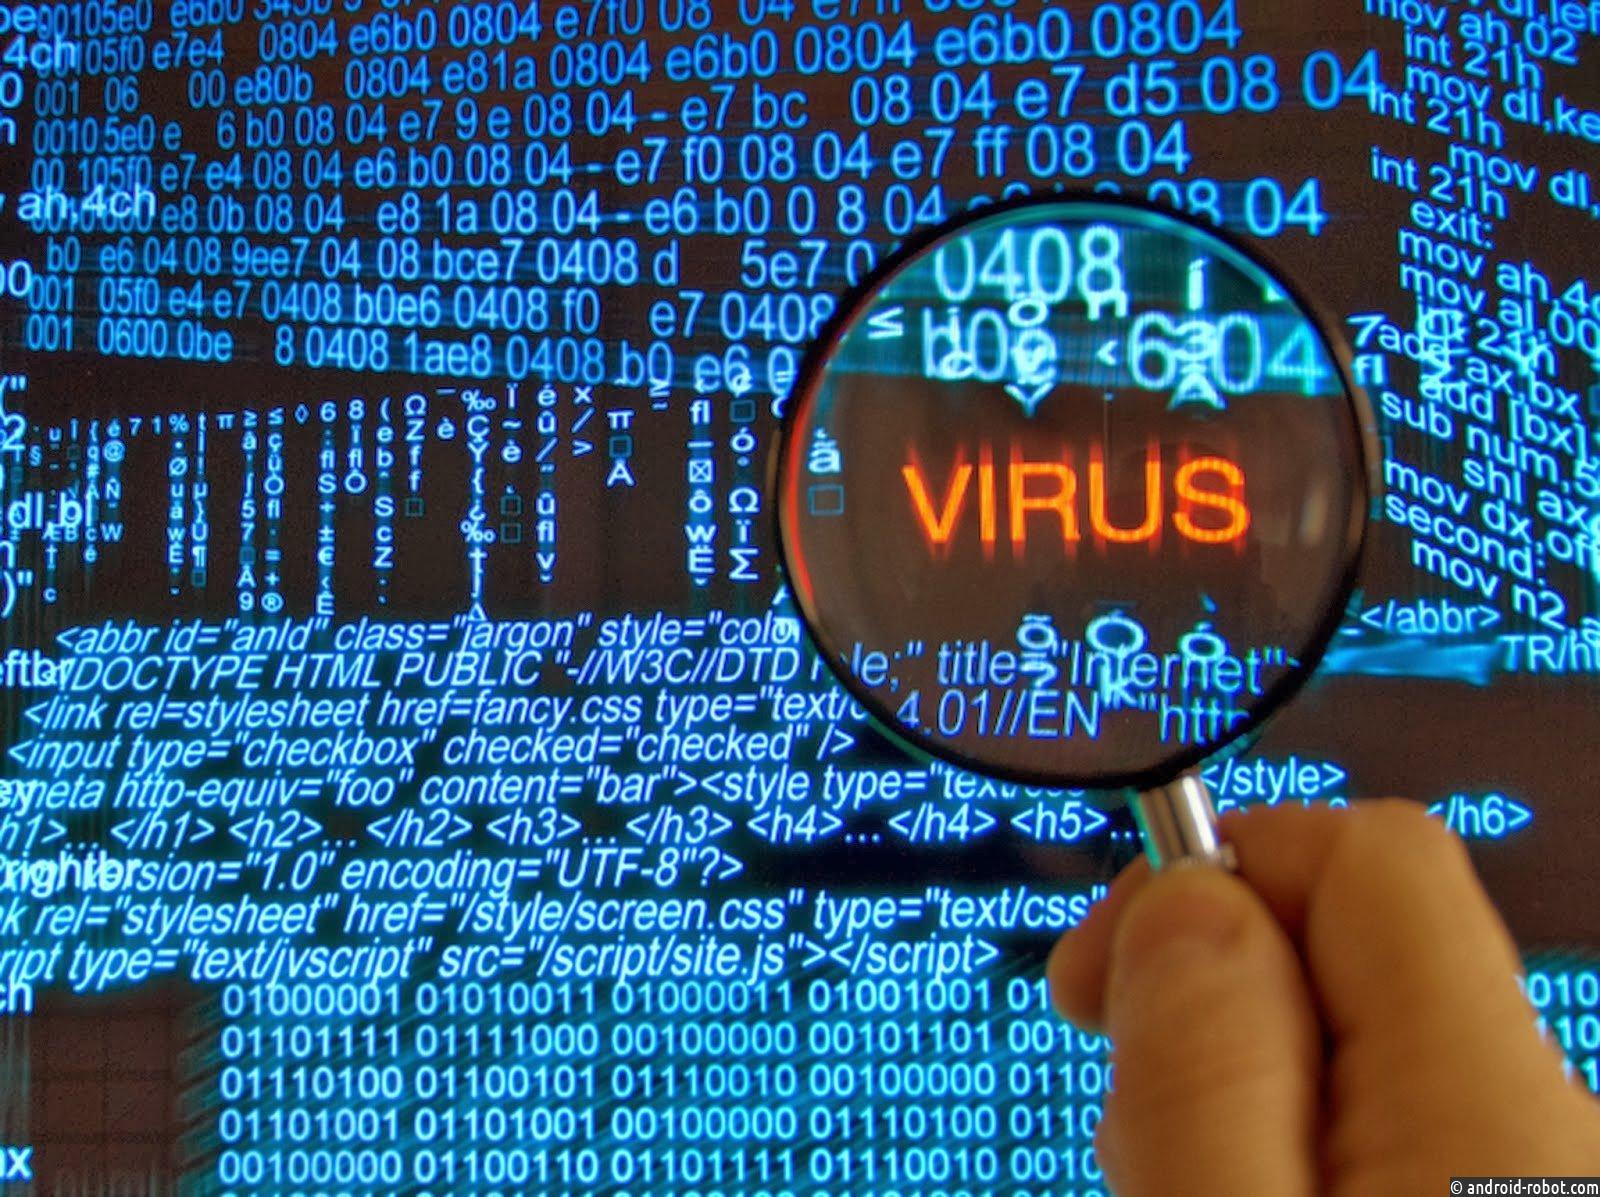 Компьютеры наWindows снова находятся под угрозой из-за нового вируса